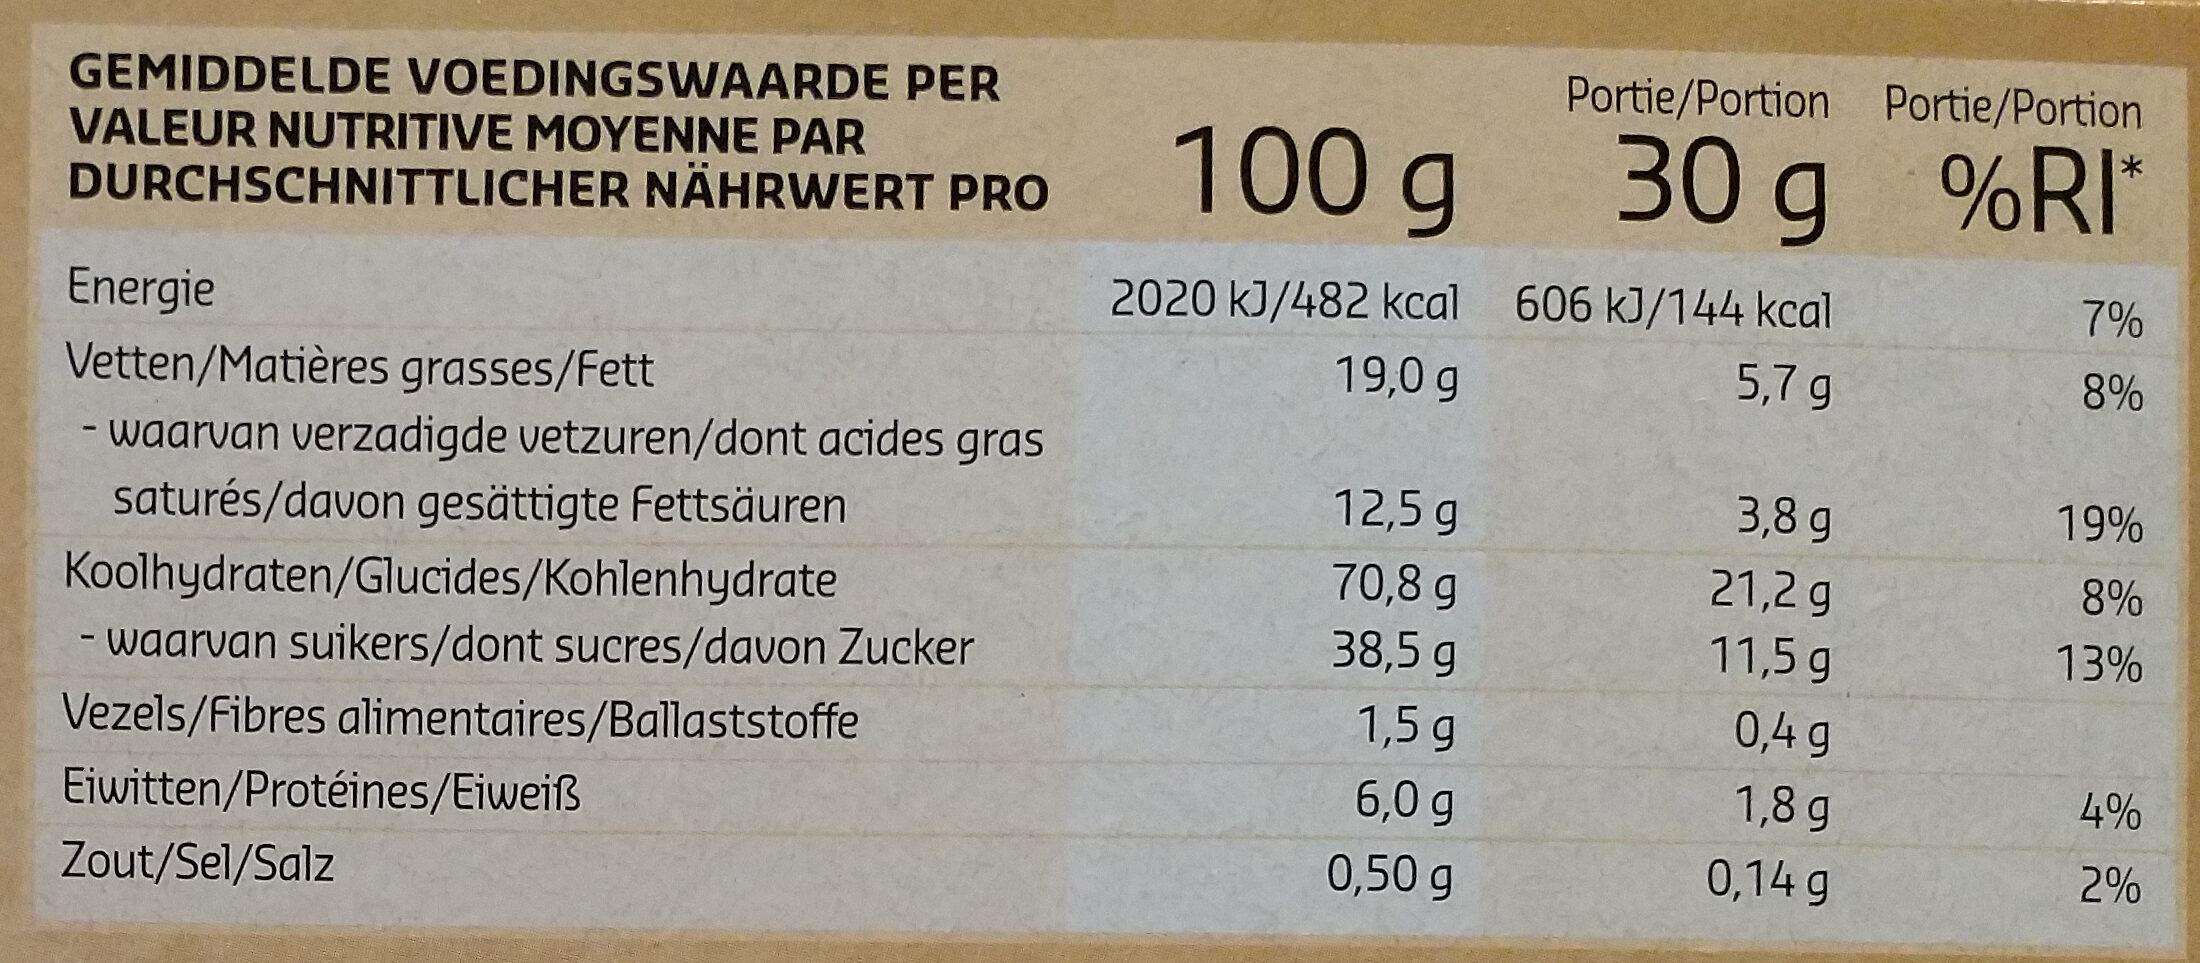 Galettes au beurre - Informations nutritionnelles - fr